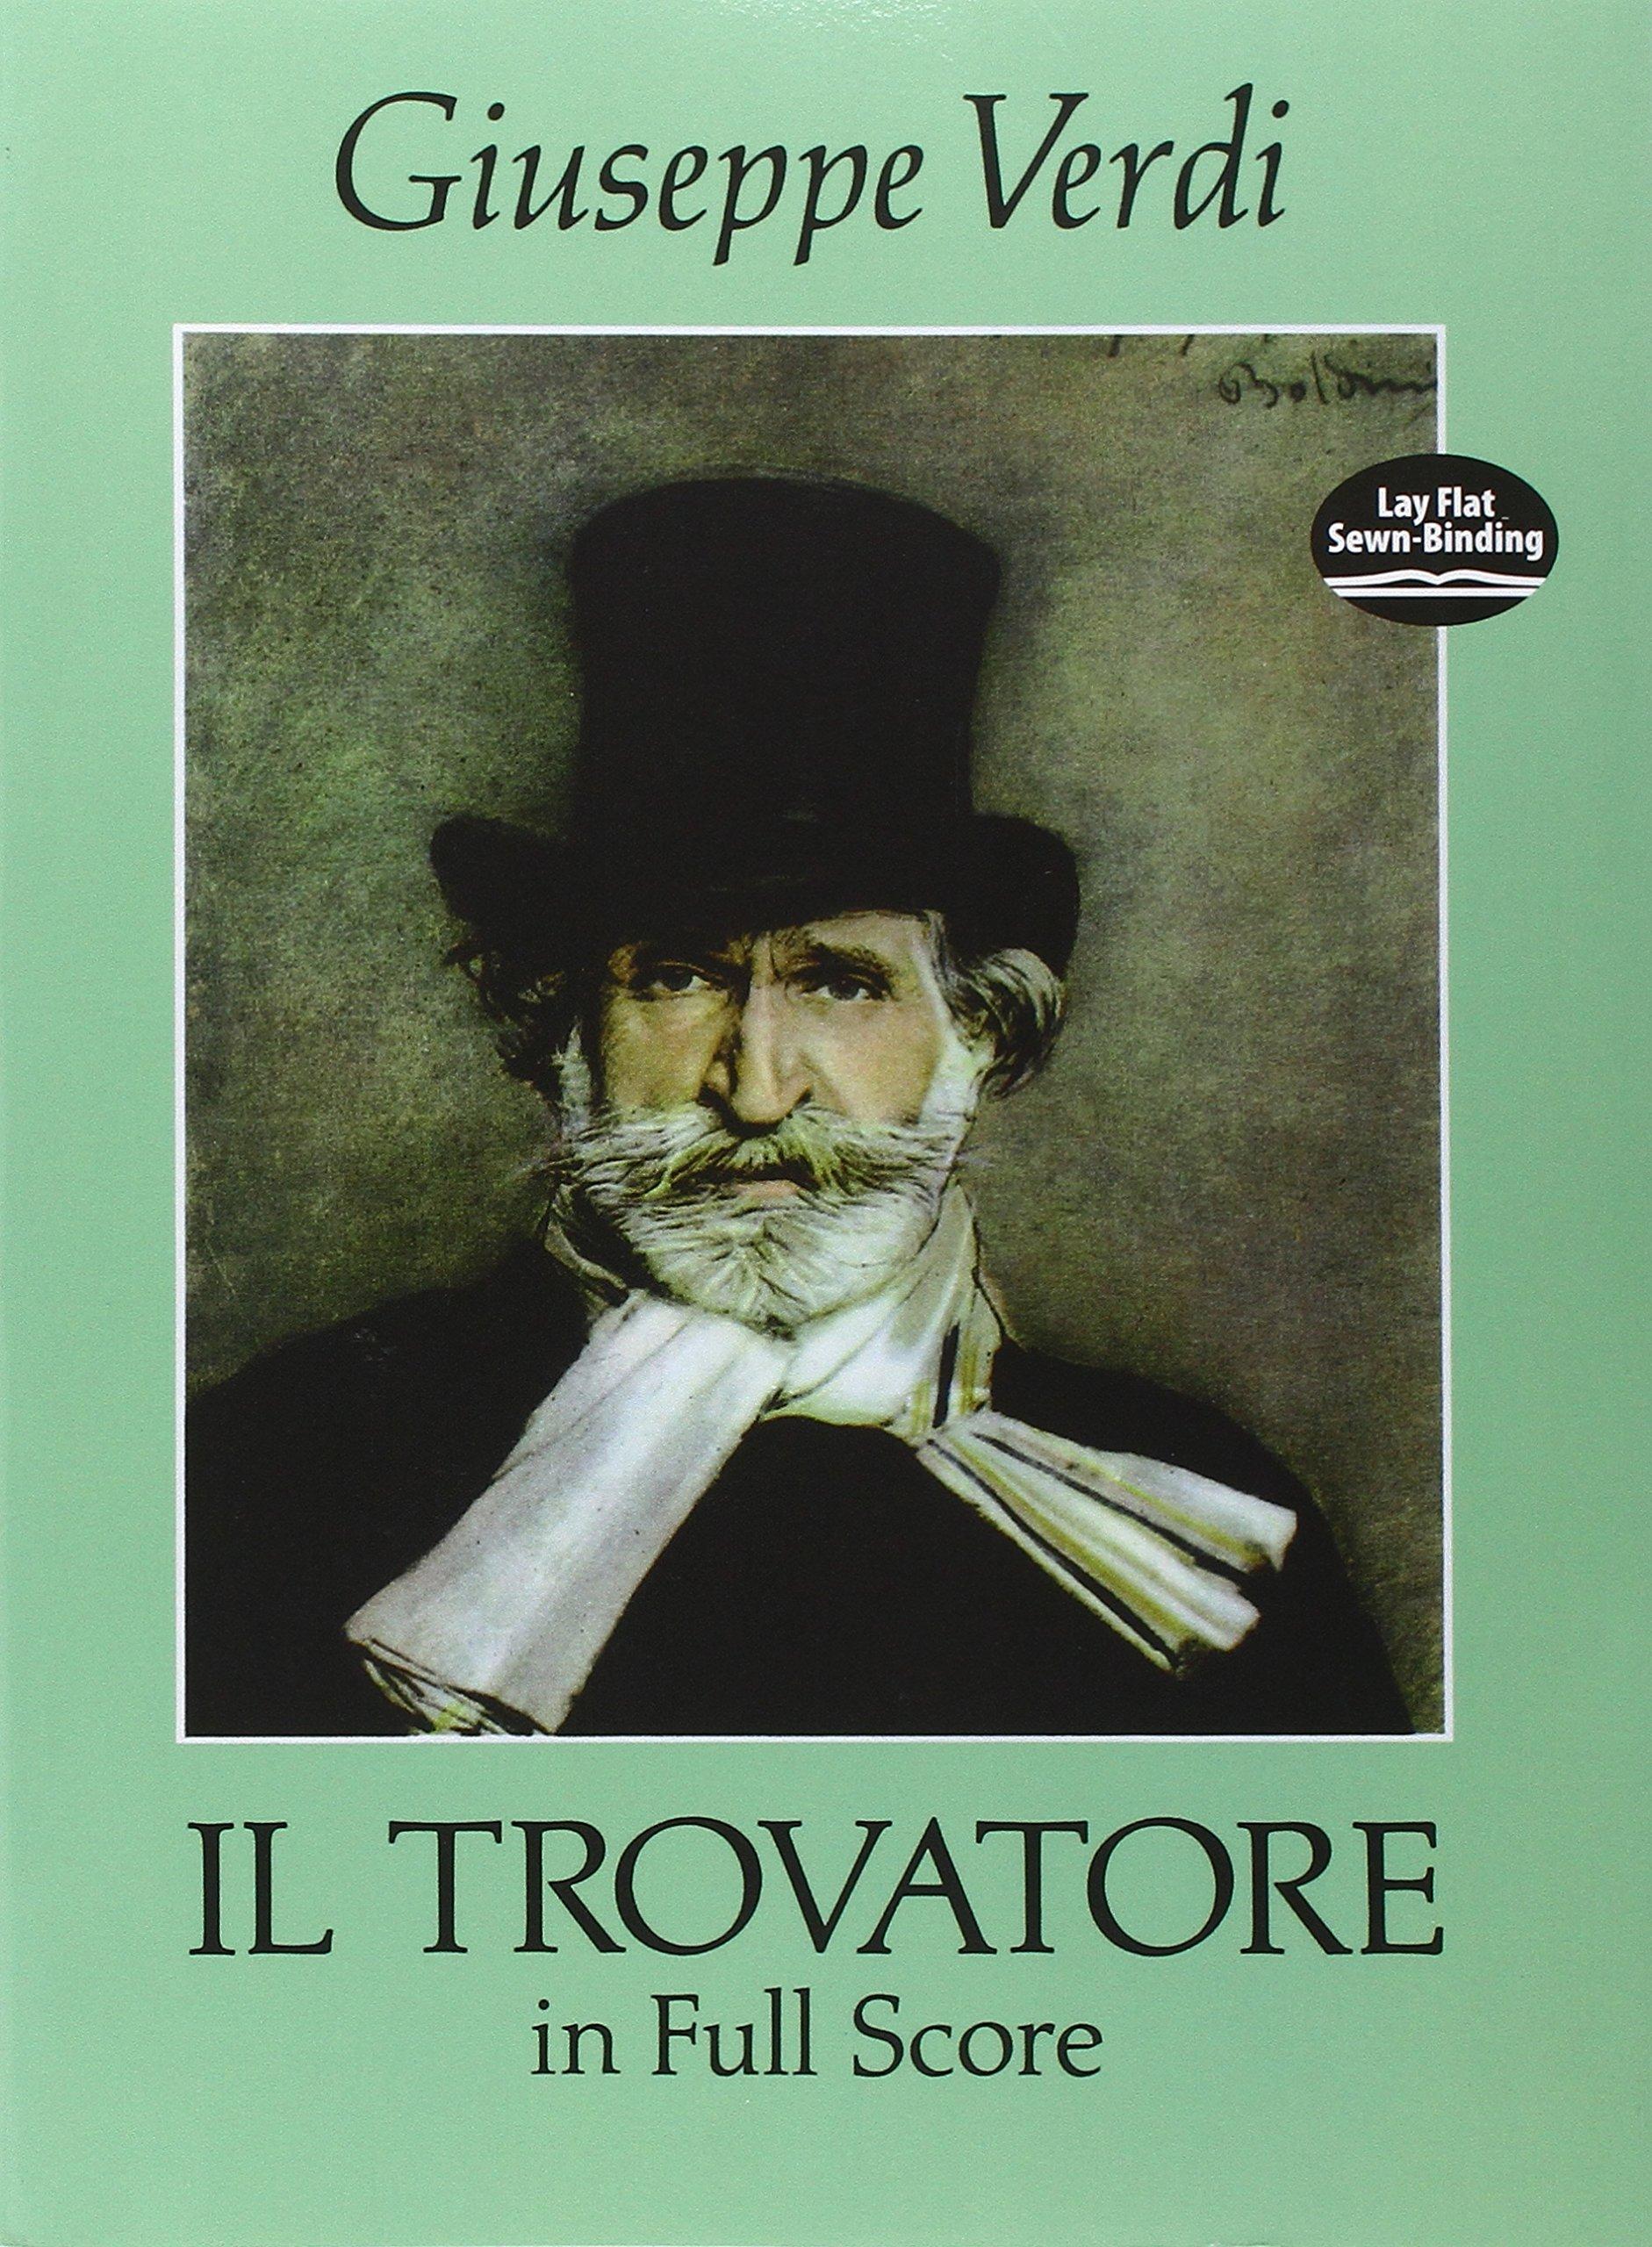 Giuseppe Verdi: Il Trovatore In Full Score (Dover Music Scores):  Amazon.co.uk: verdi: 9780486279152: Books